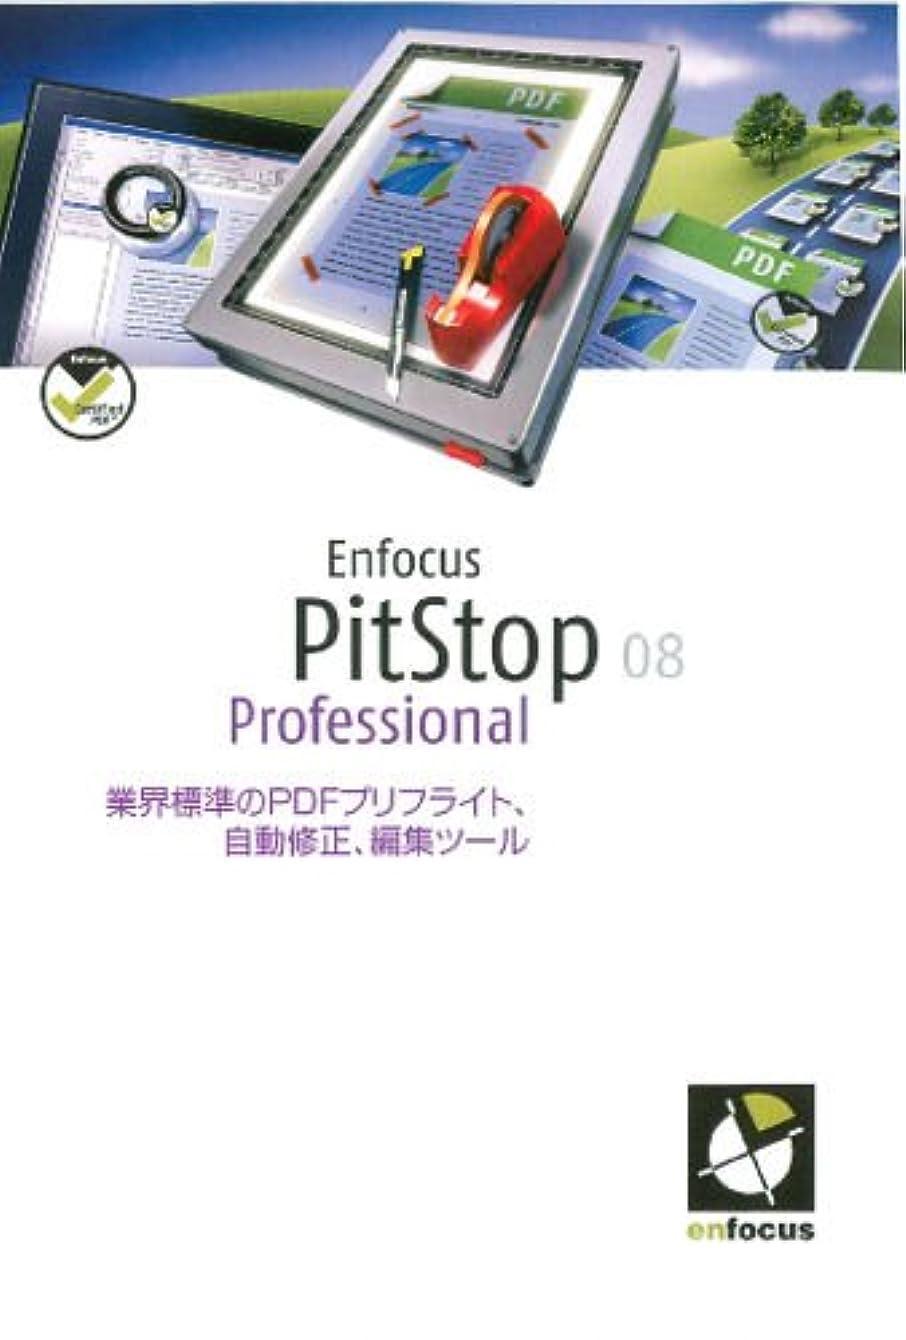 れる曇ったシダEnfocus PitStop Professional 08 日本語版